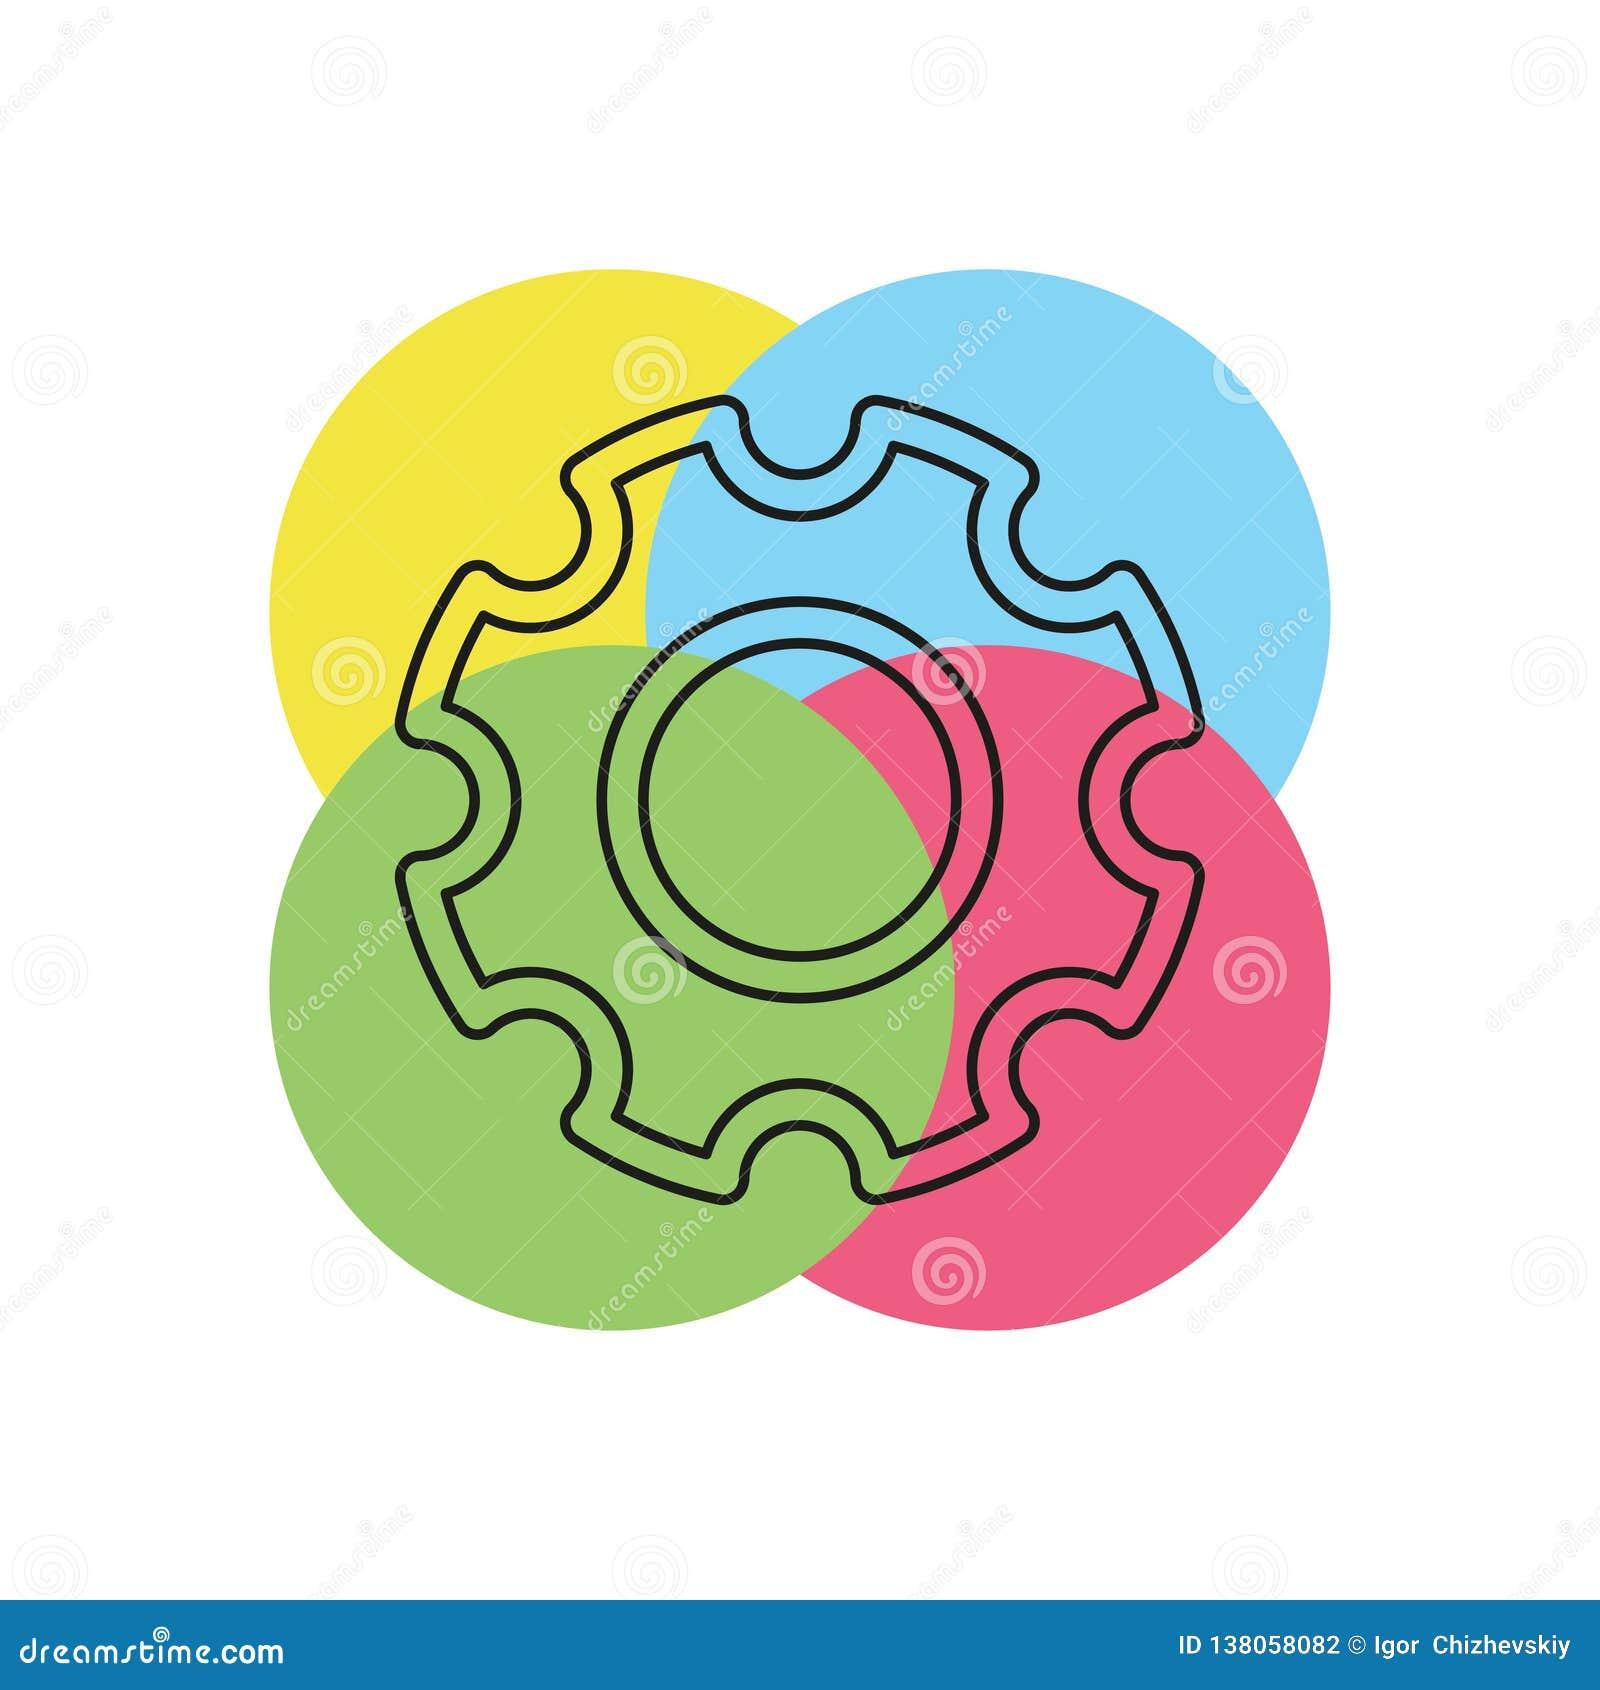 Icono de los ajustes de los engranajes - mecanismo de engranaje de la rueda dentada